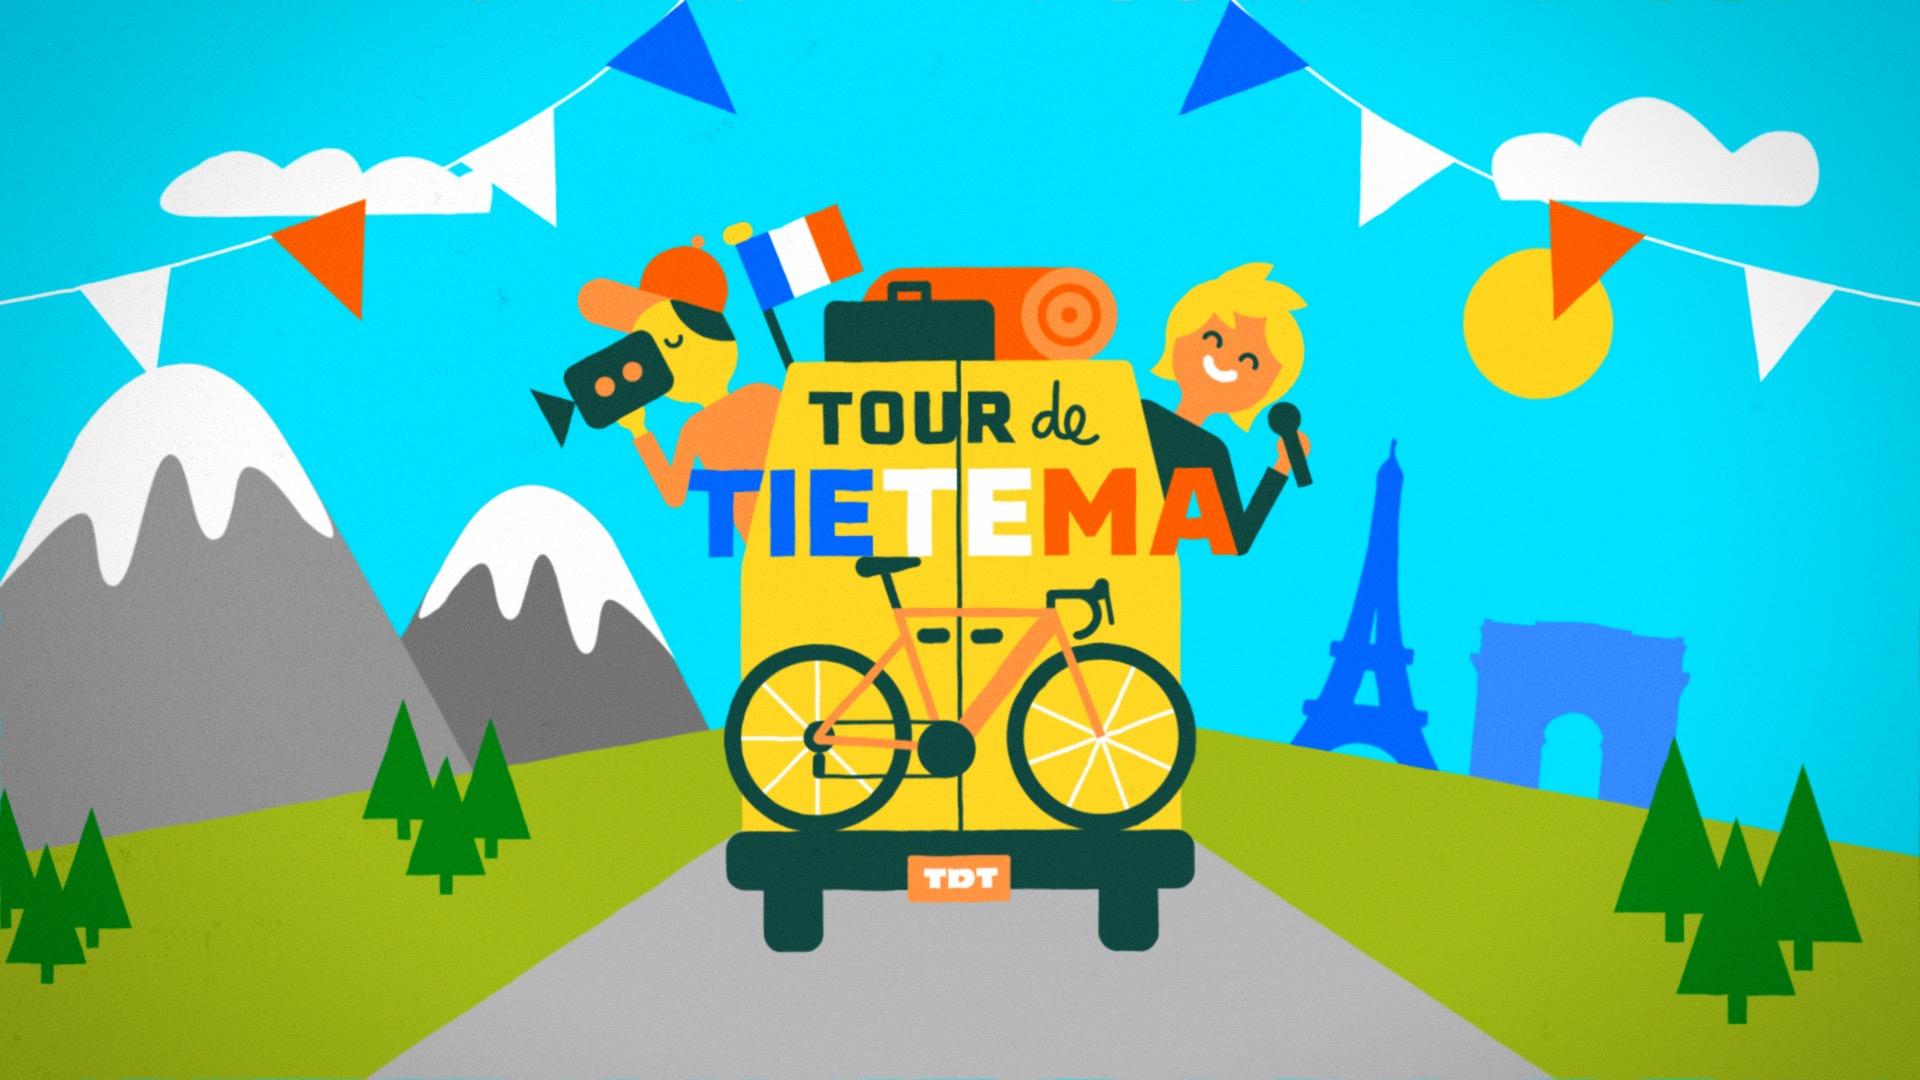 Tour de Tietema - volgen tijdens de Tour de France